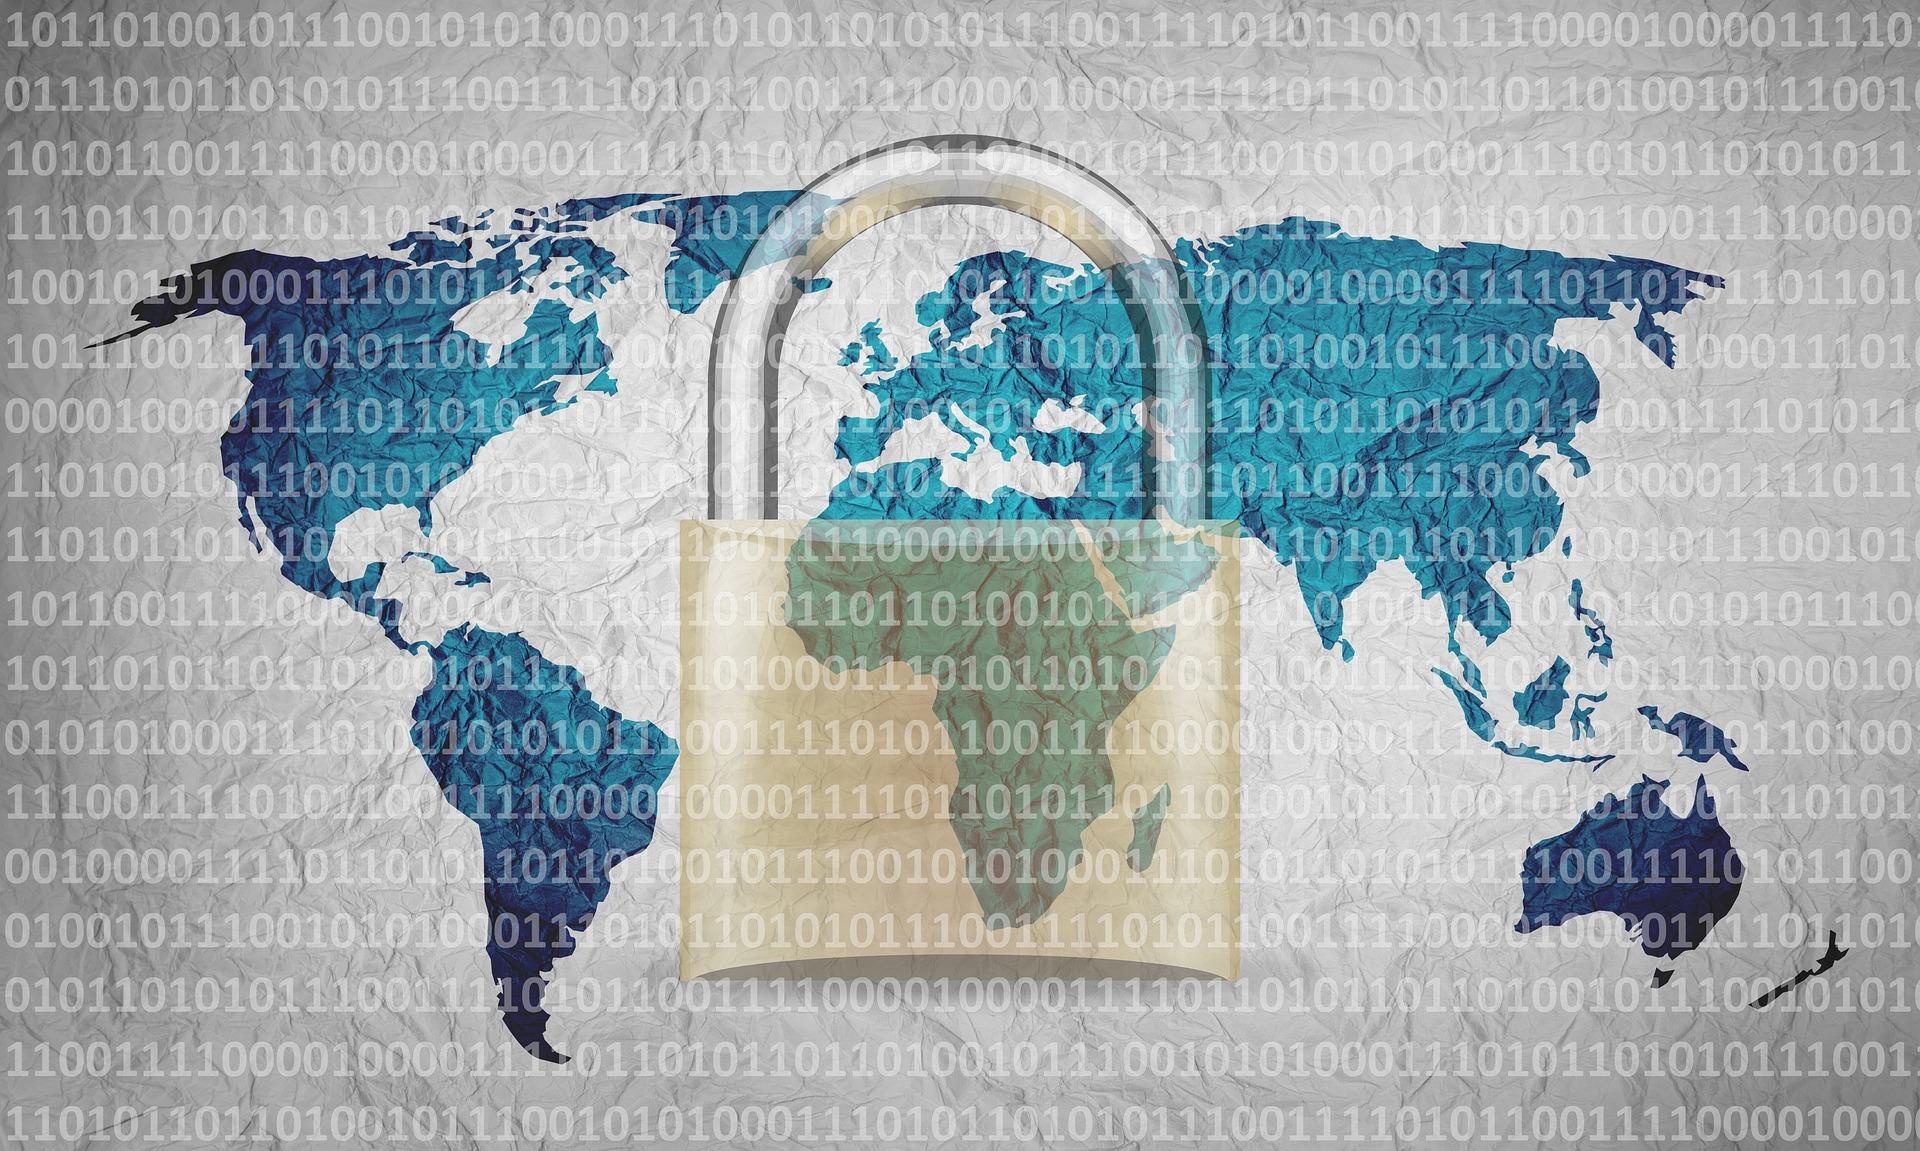 Los ciberdelitos y su clasificación como amenaza terrorista en EU